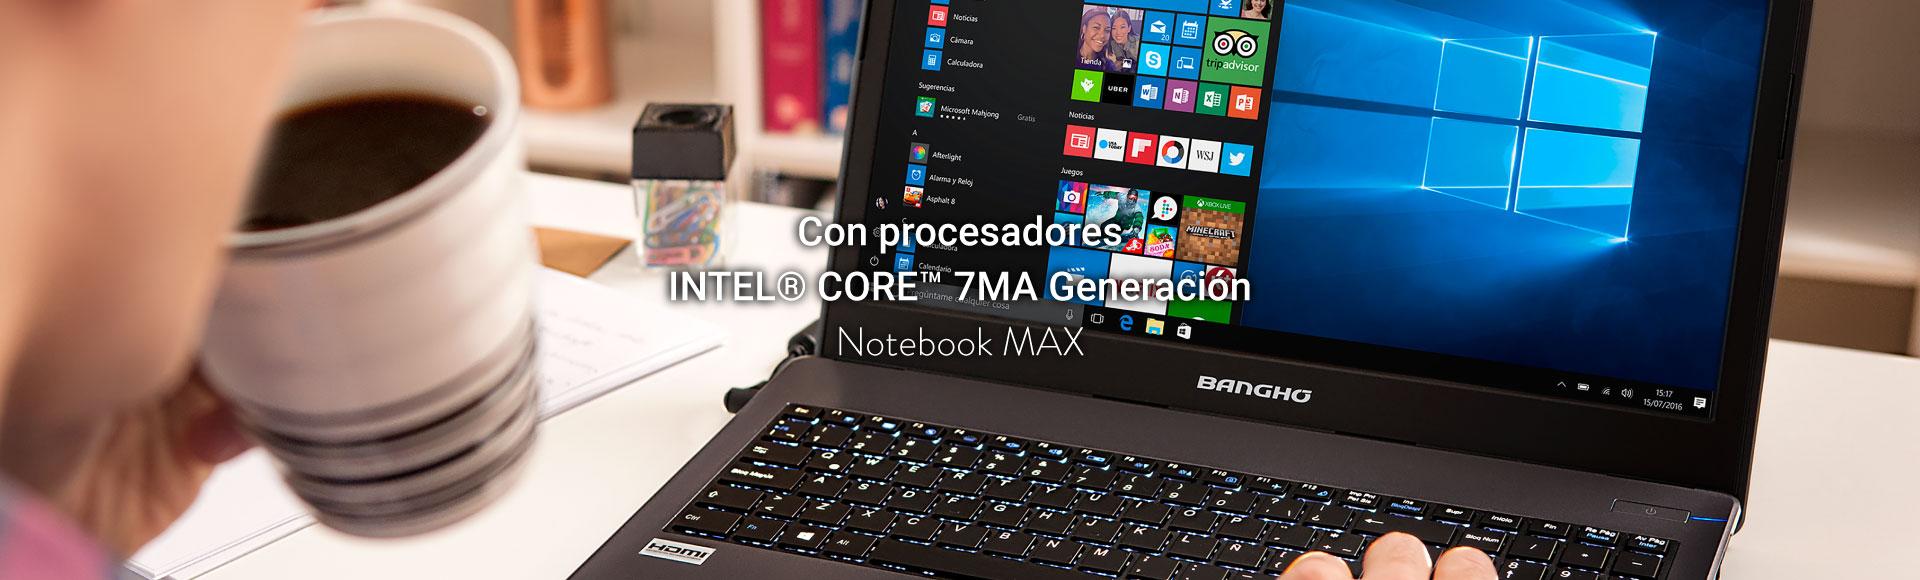 Max 7ma generación Lifestyle